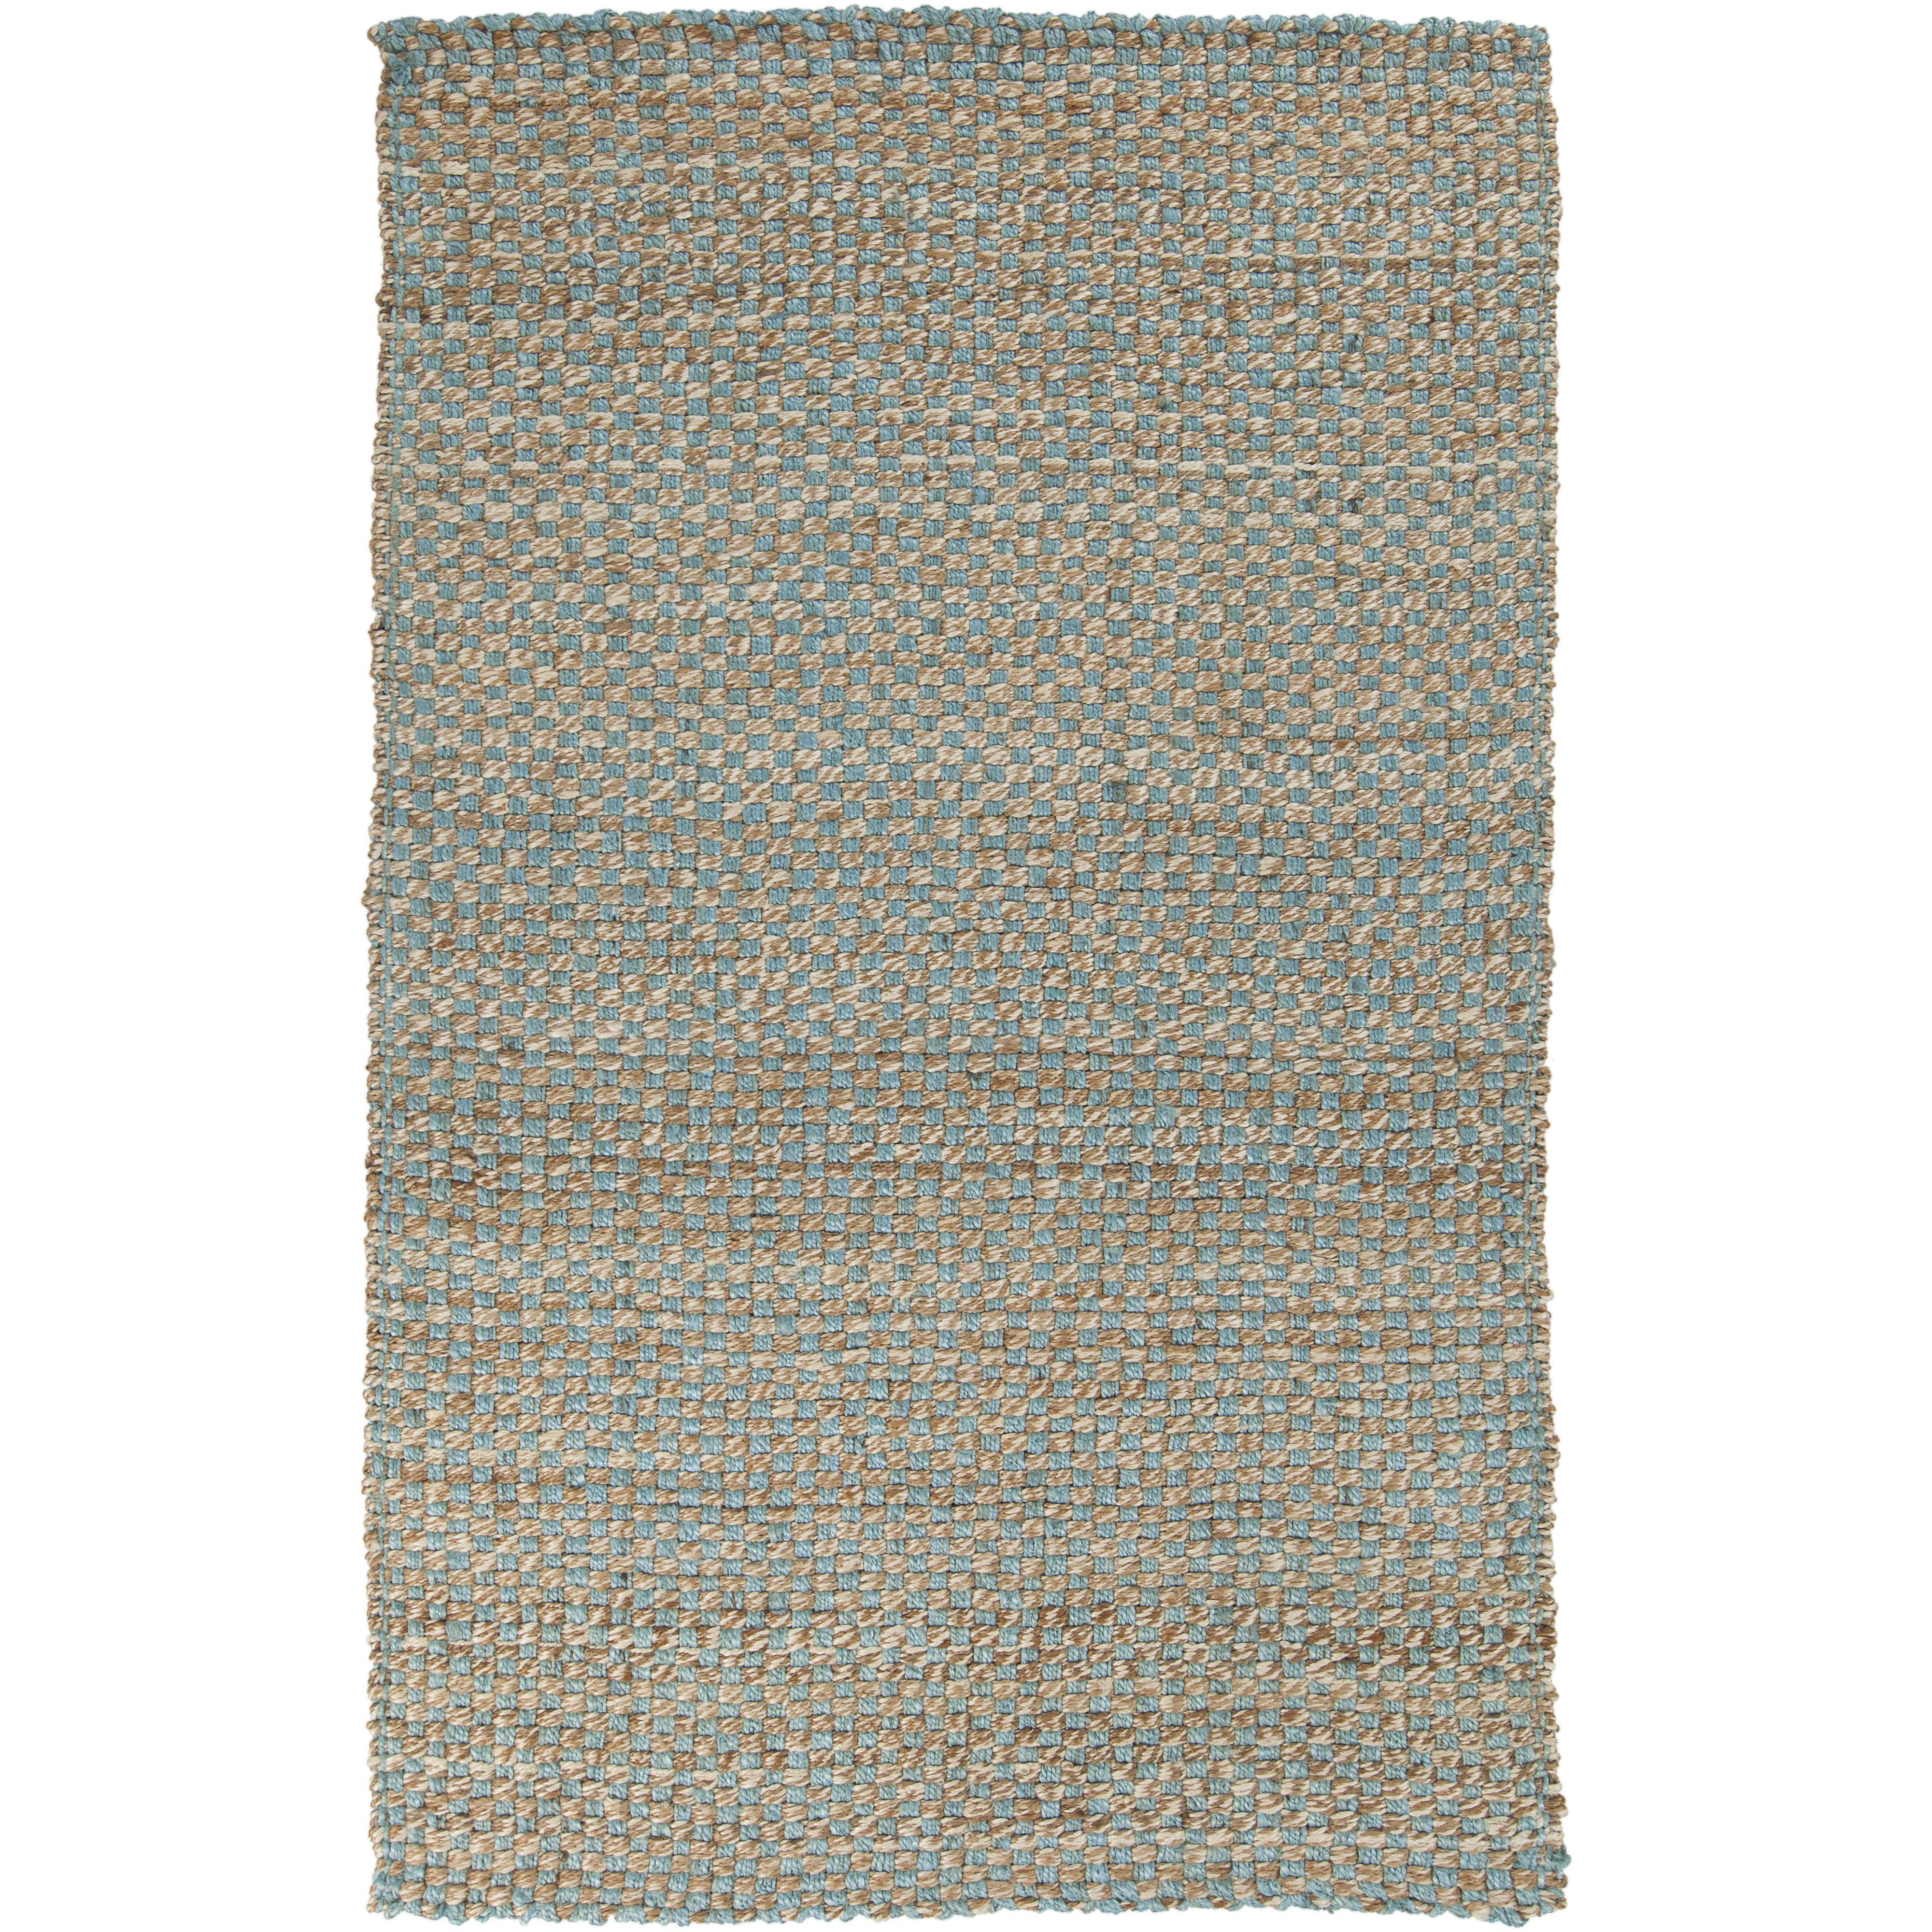 Surya Rugs Reeds 8' x 11' - Item Number: REED823-811